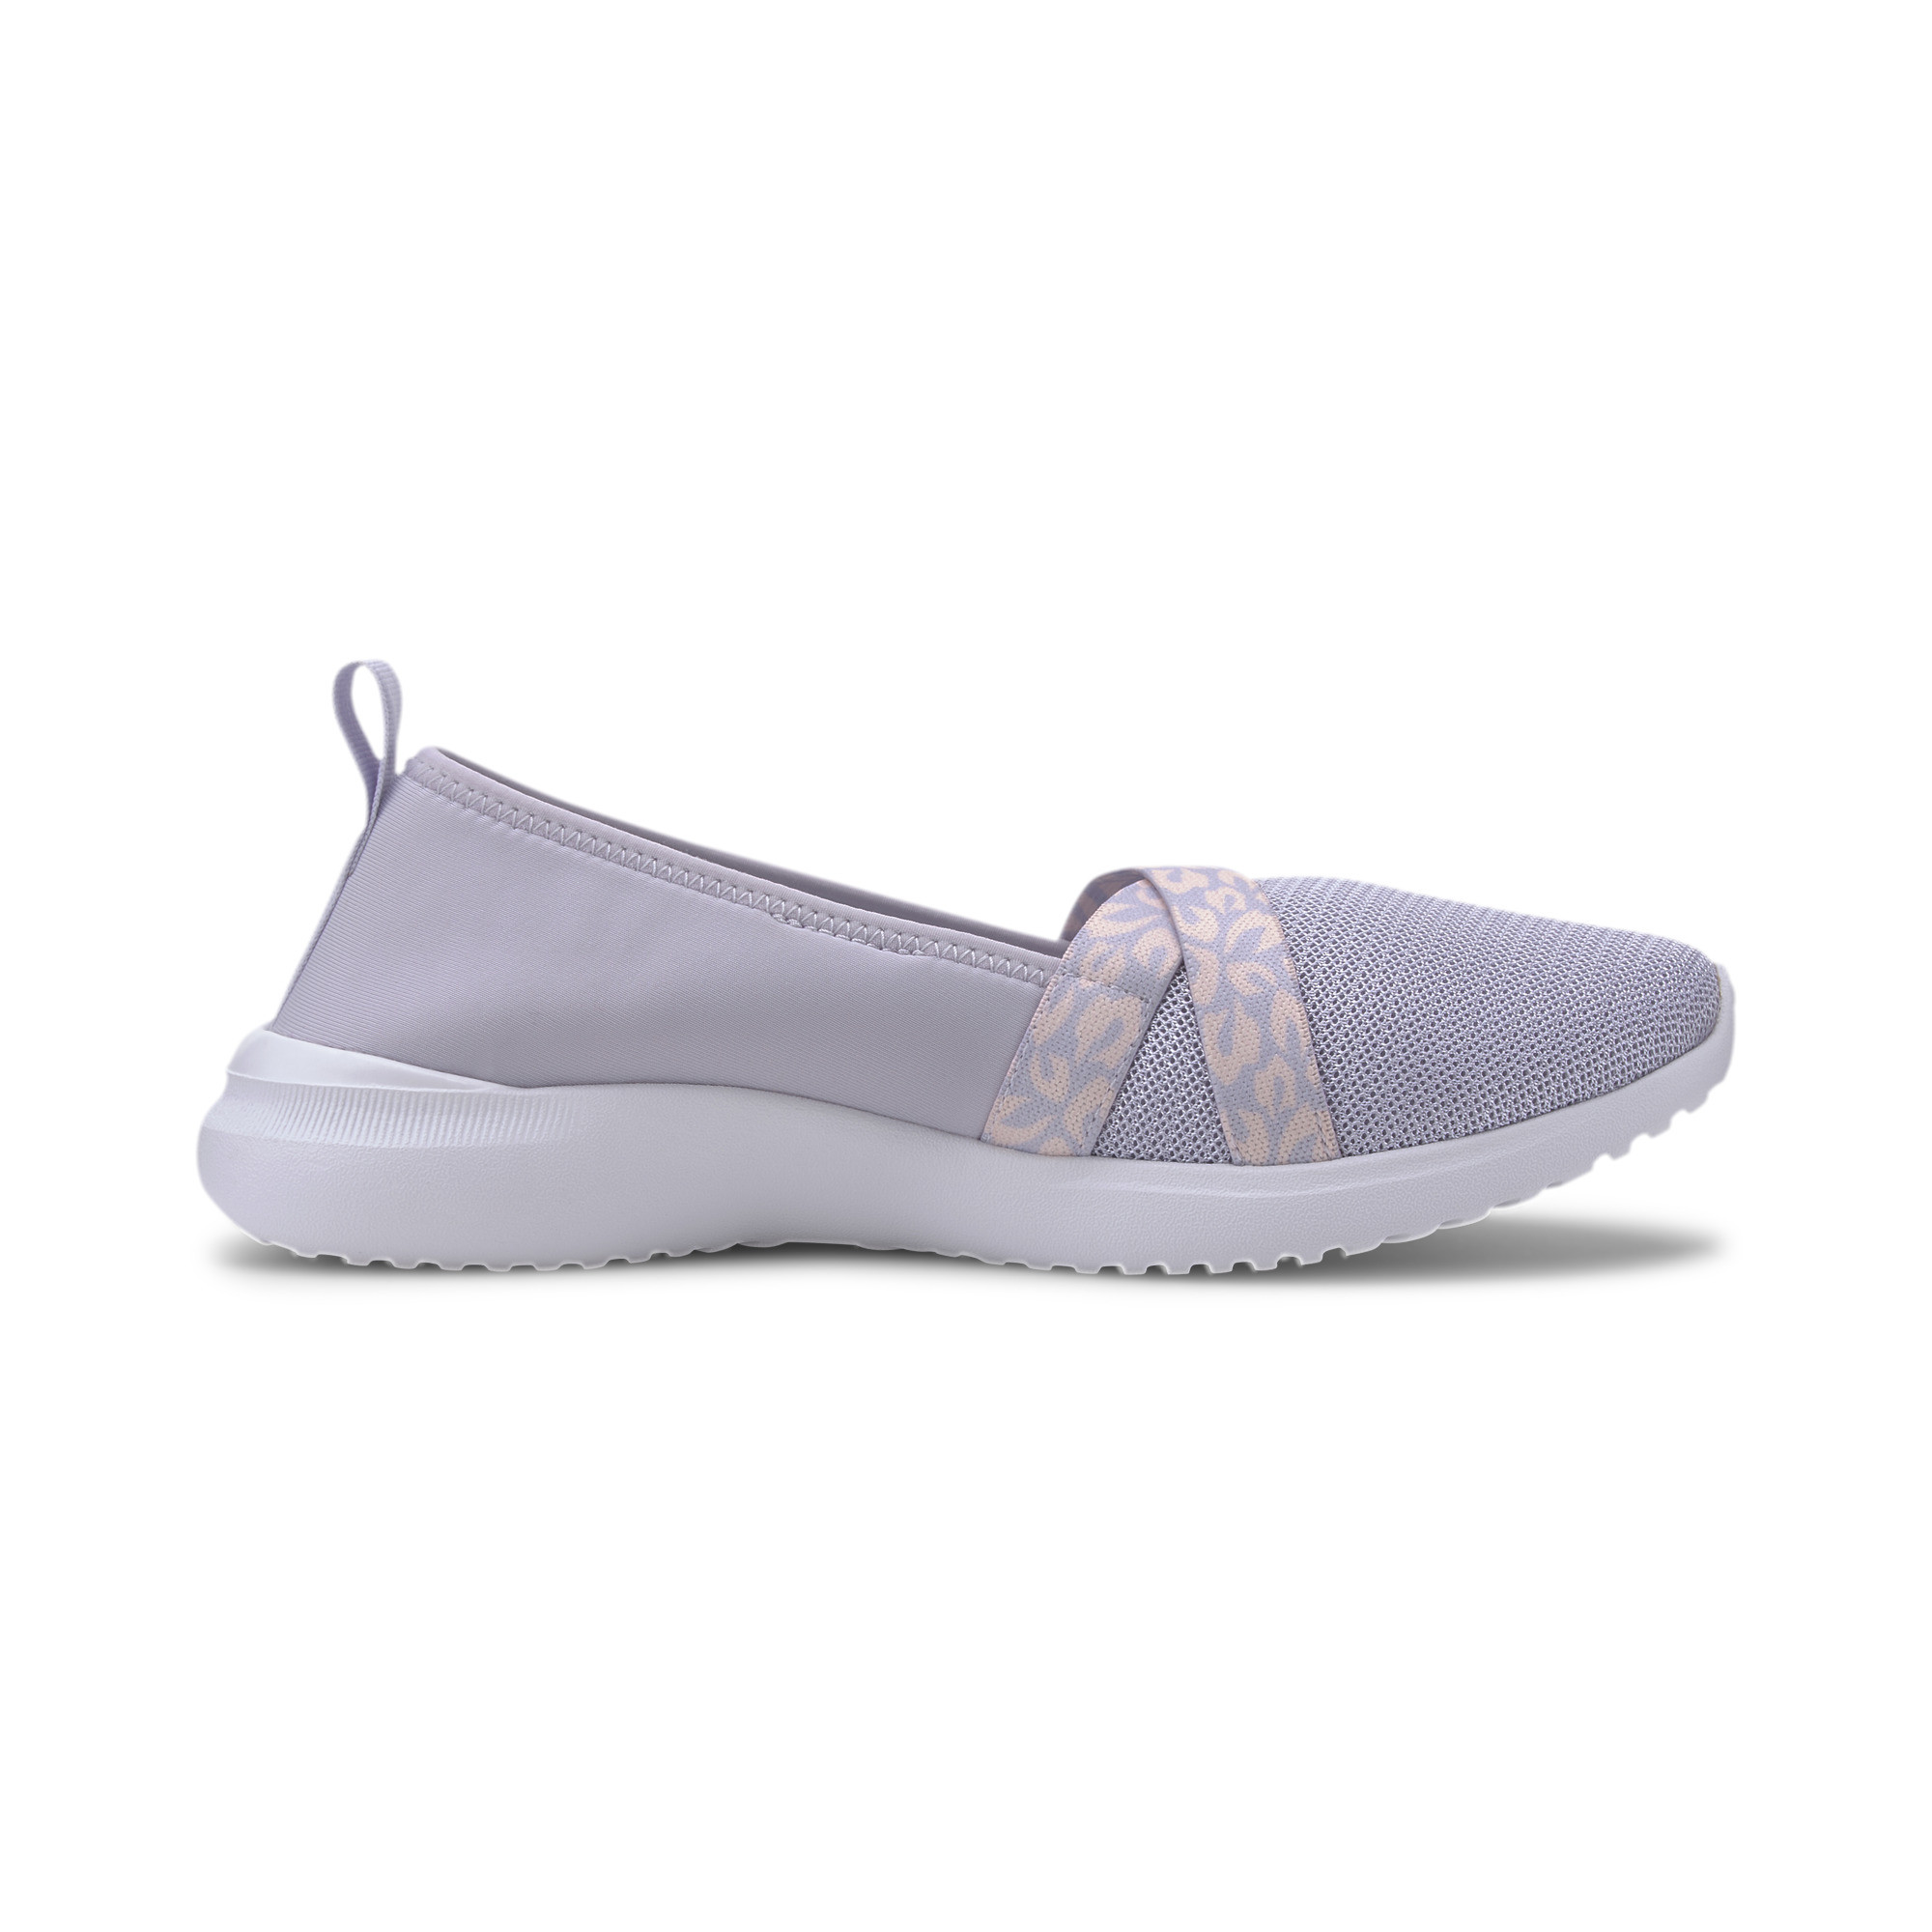 PUMA-Women-039-s-Adelina-Blossom-Ballet-Shoes thumbnail 20